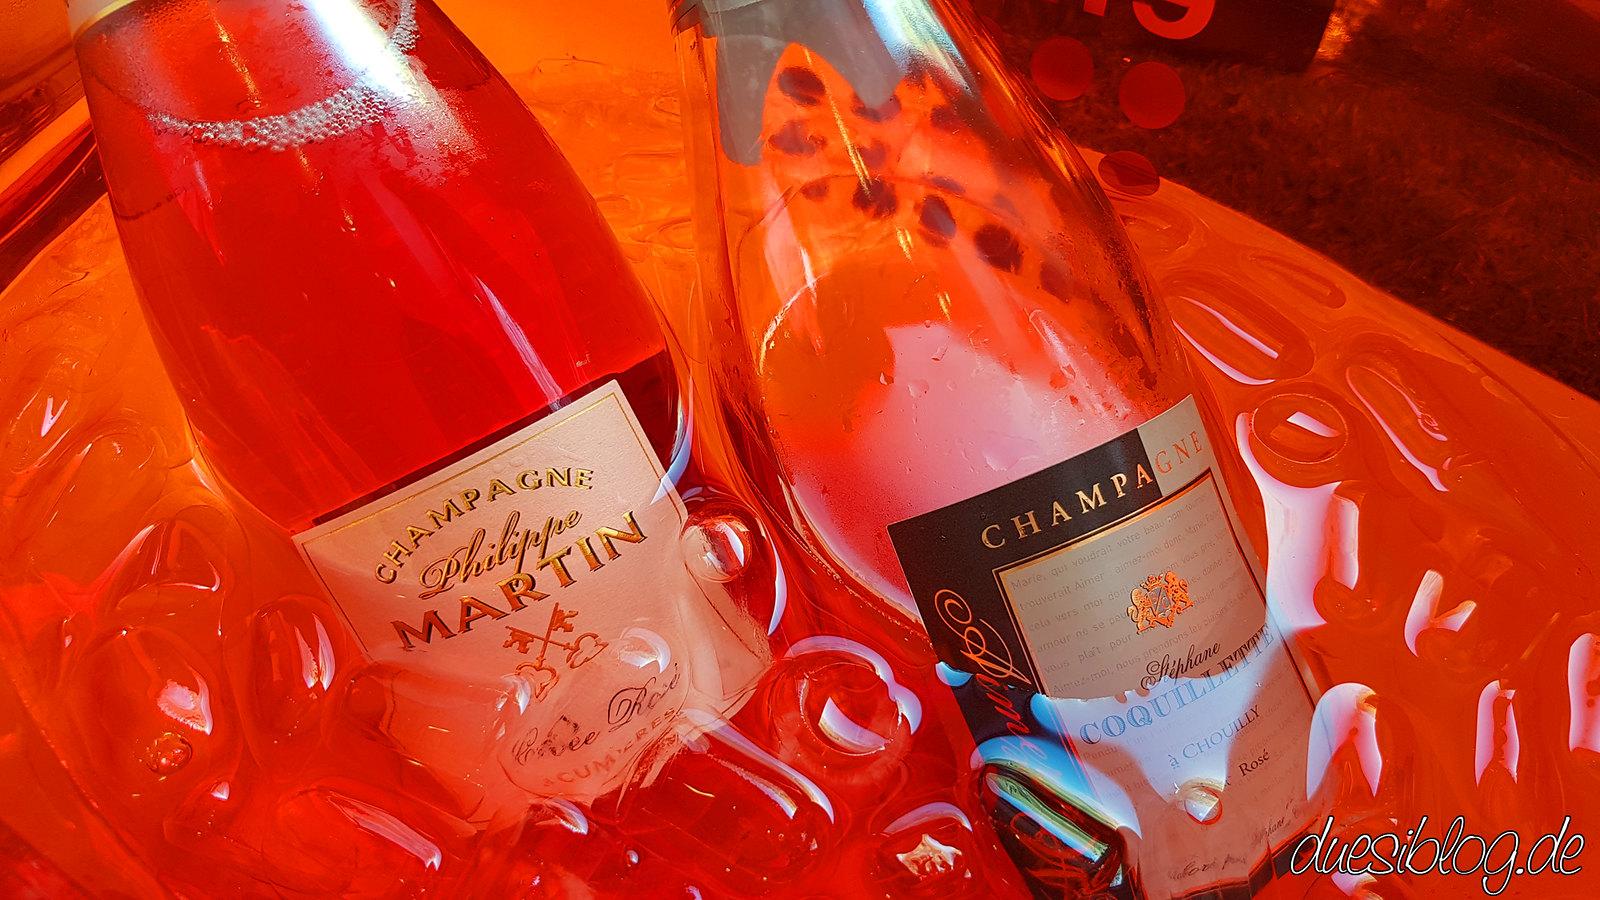 Rosa Leuchten im Glas 2019 wineblog duesiblog 10